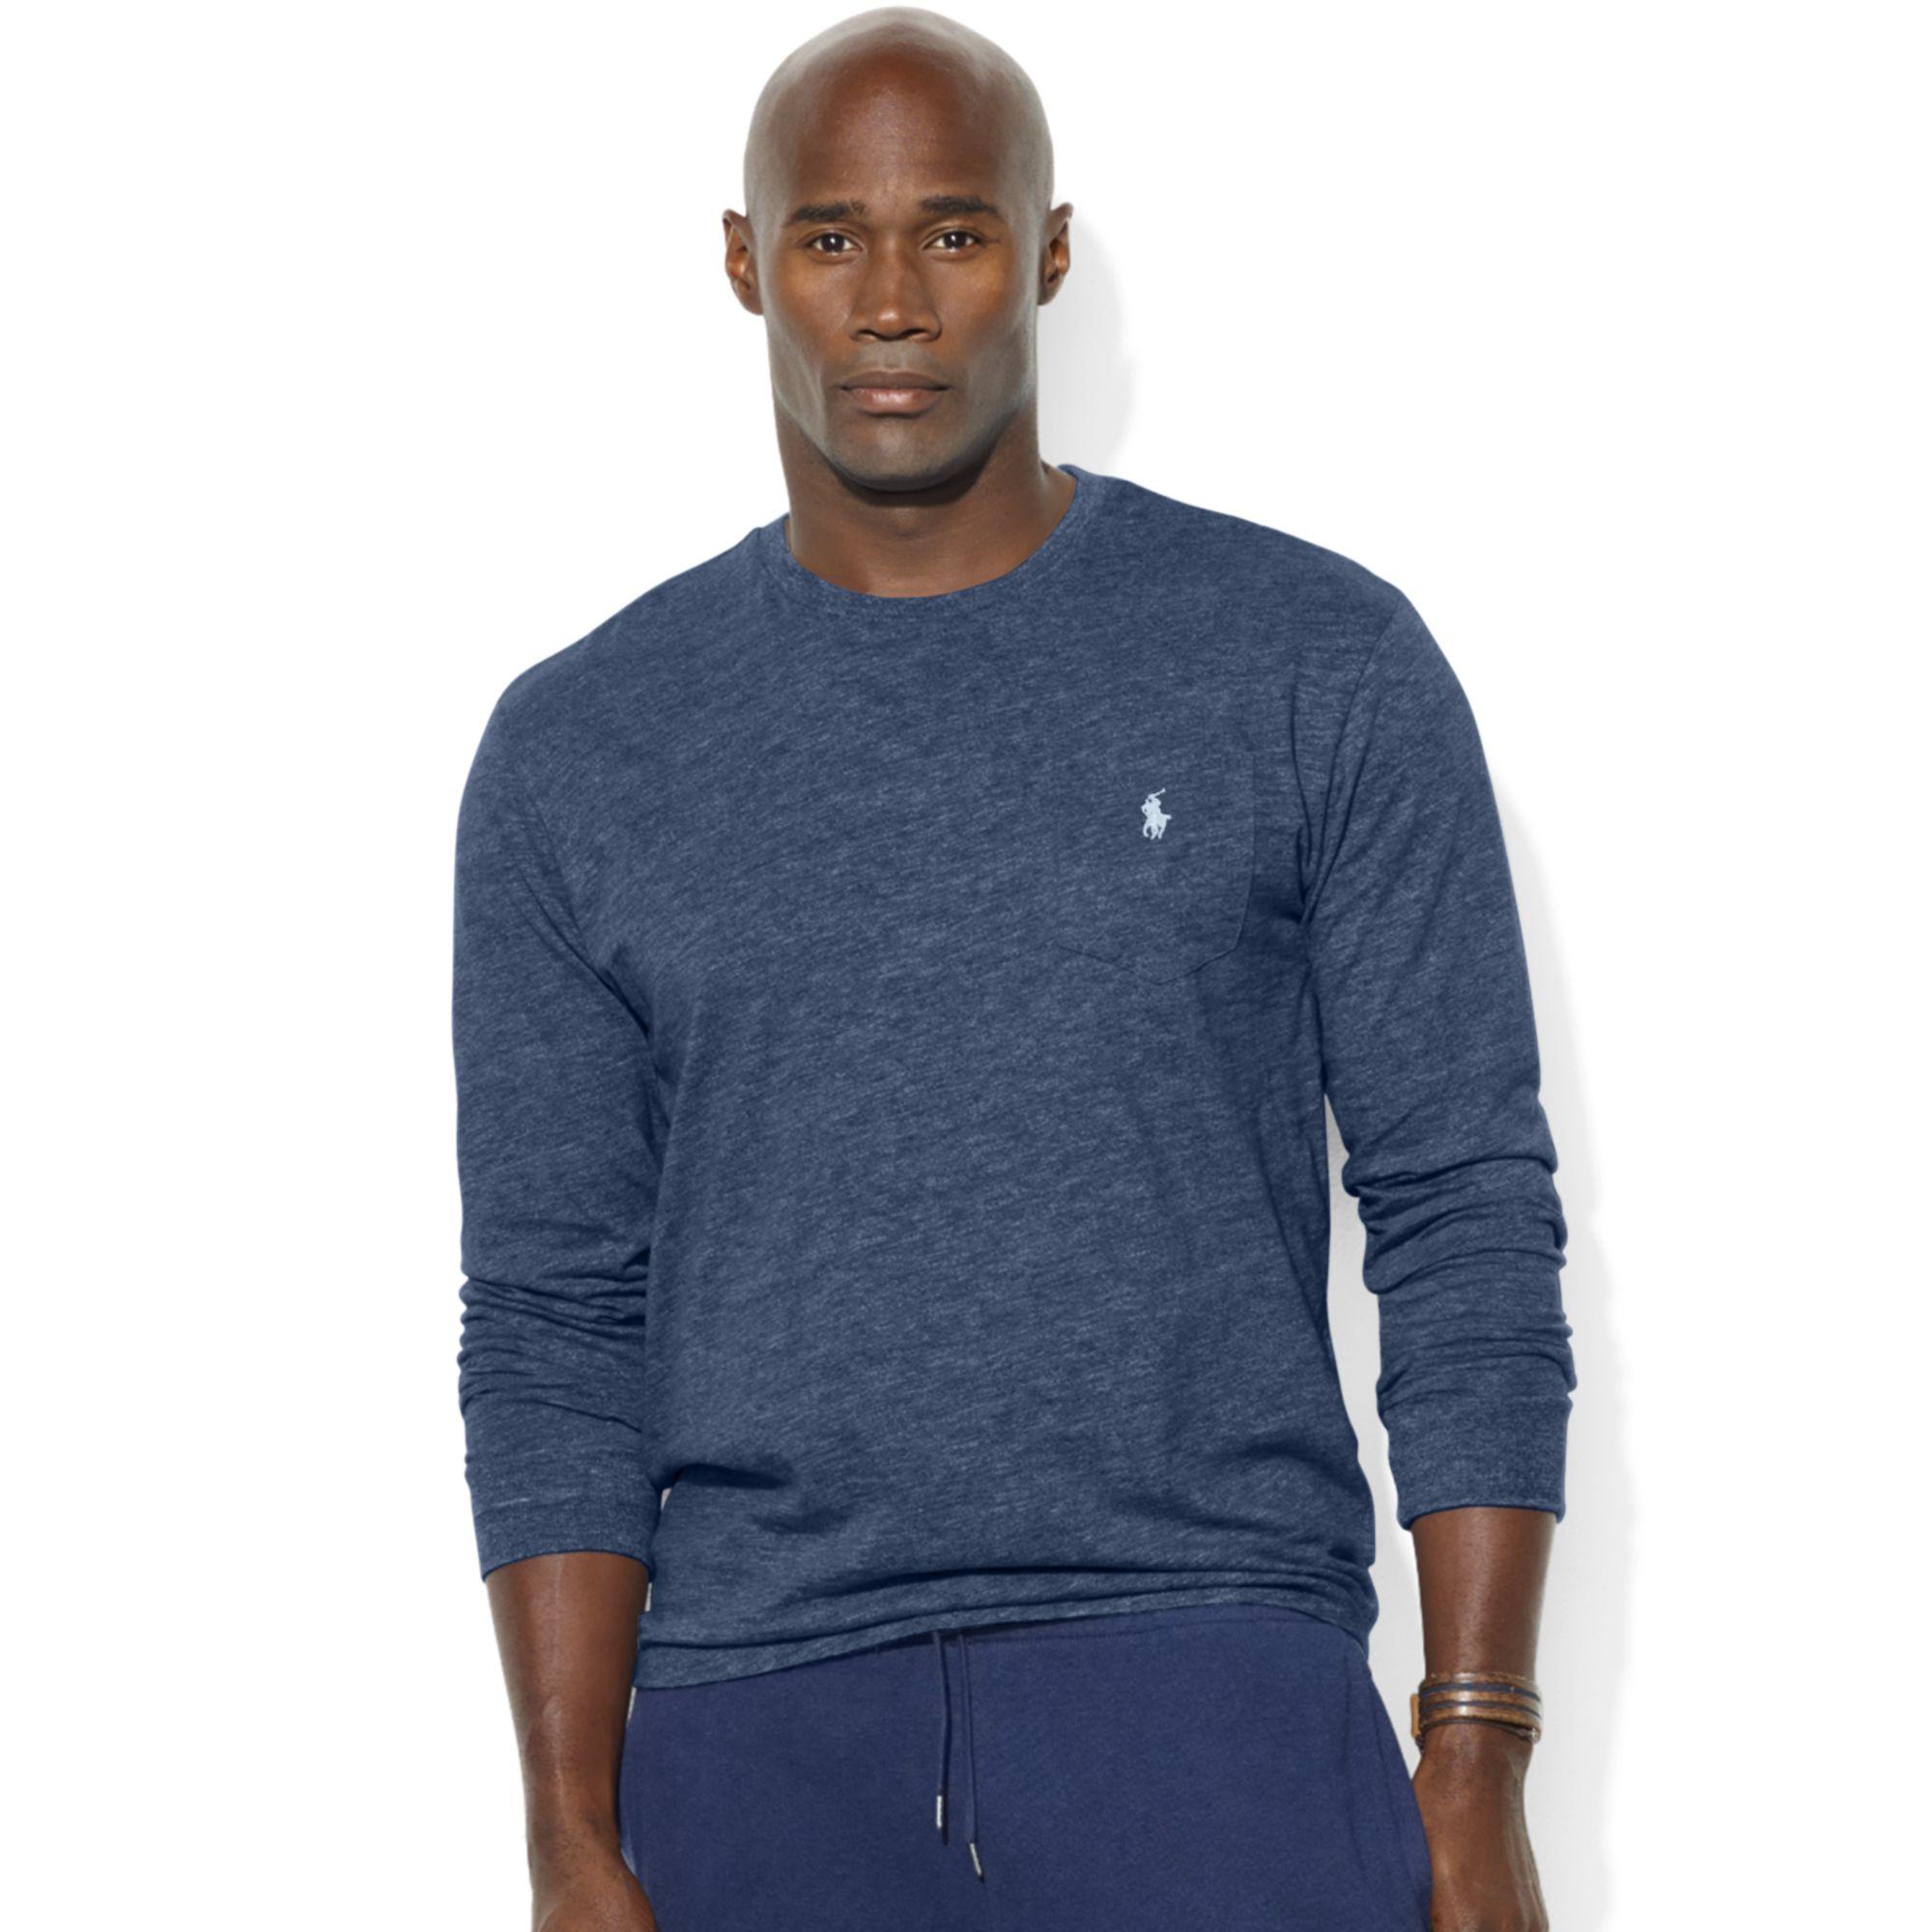 Ralph lauren classicfit longsleeve pocket crew neck cotton for Ralph lauren polo jersey shirt